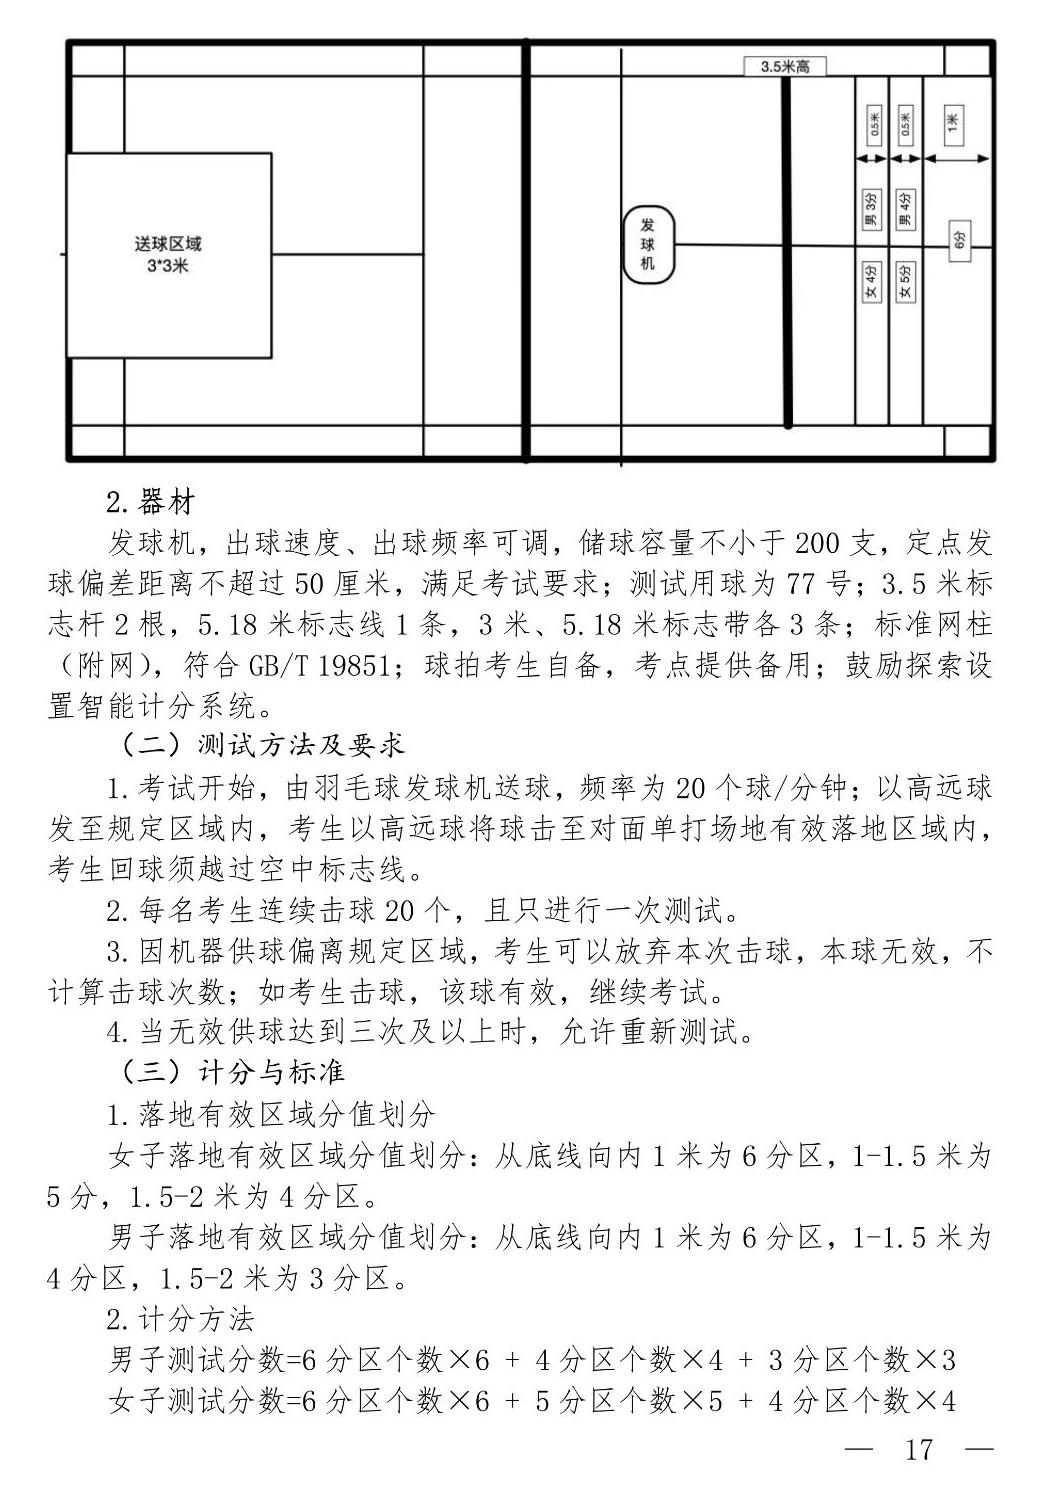 2021年上海中考将实行新体育考试方案!总分不变,可选项目增加!(附评分标准)